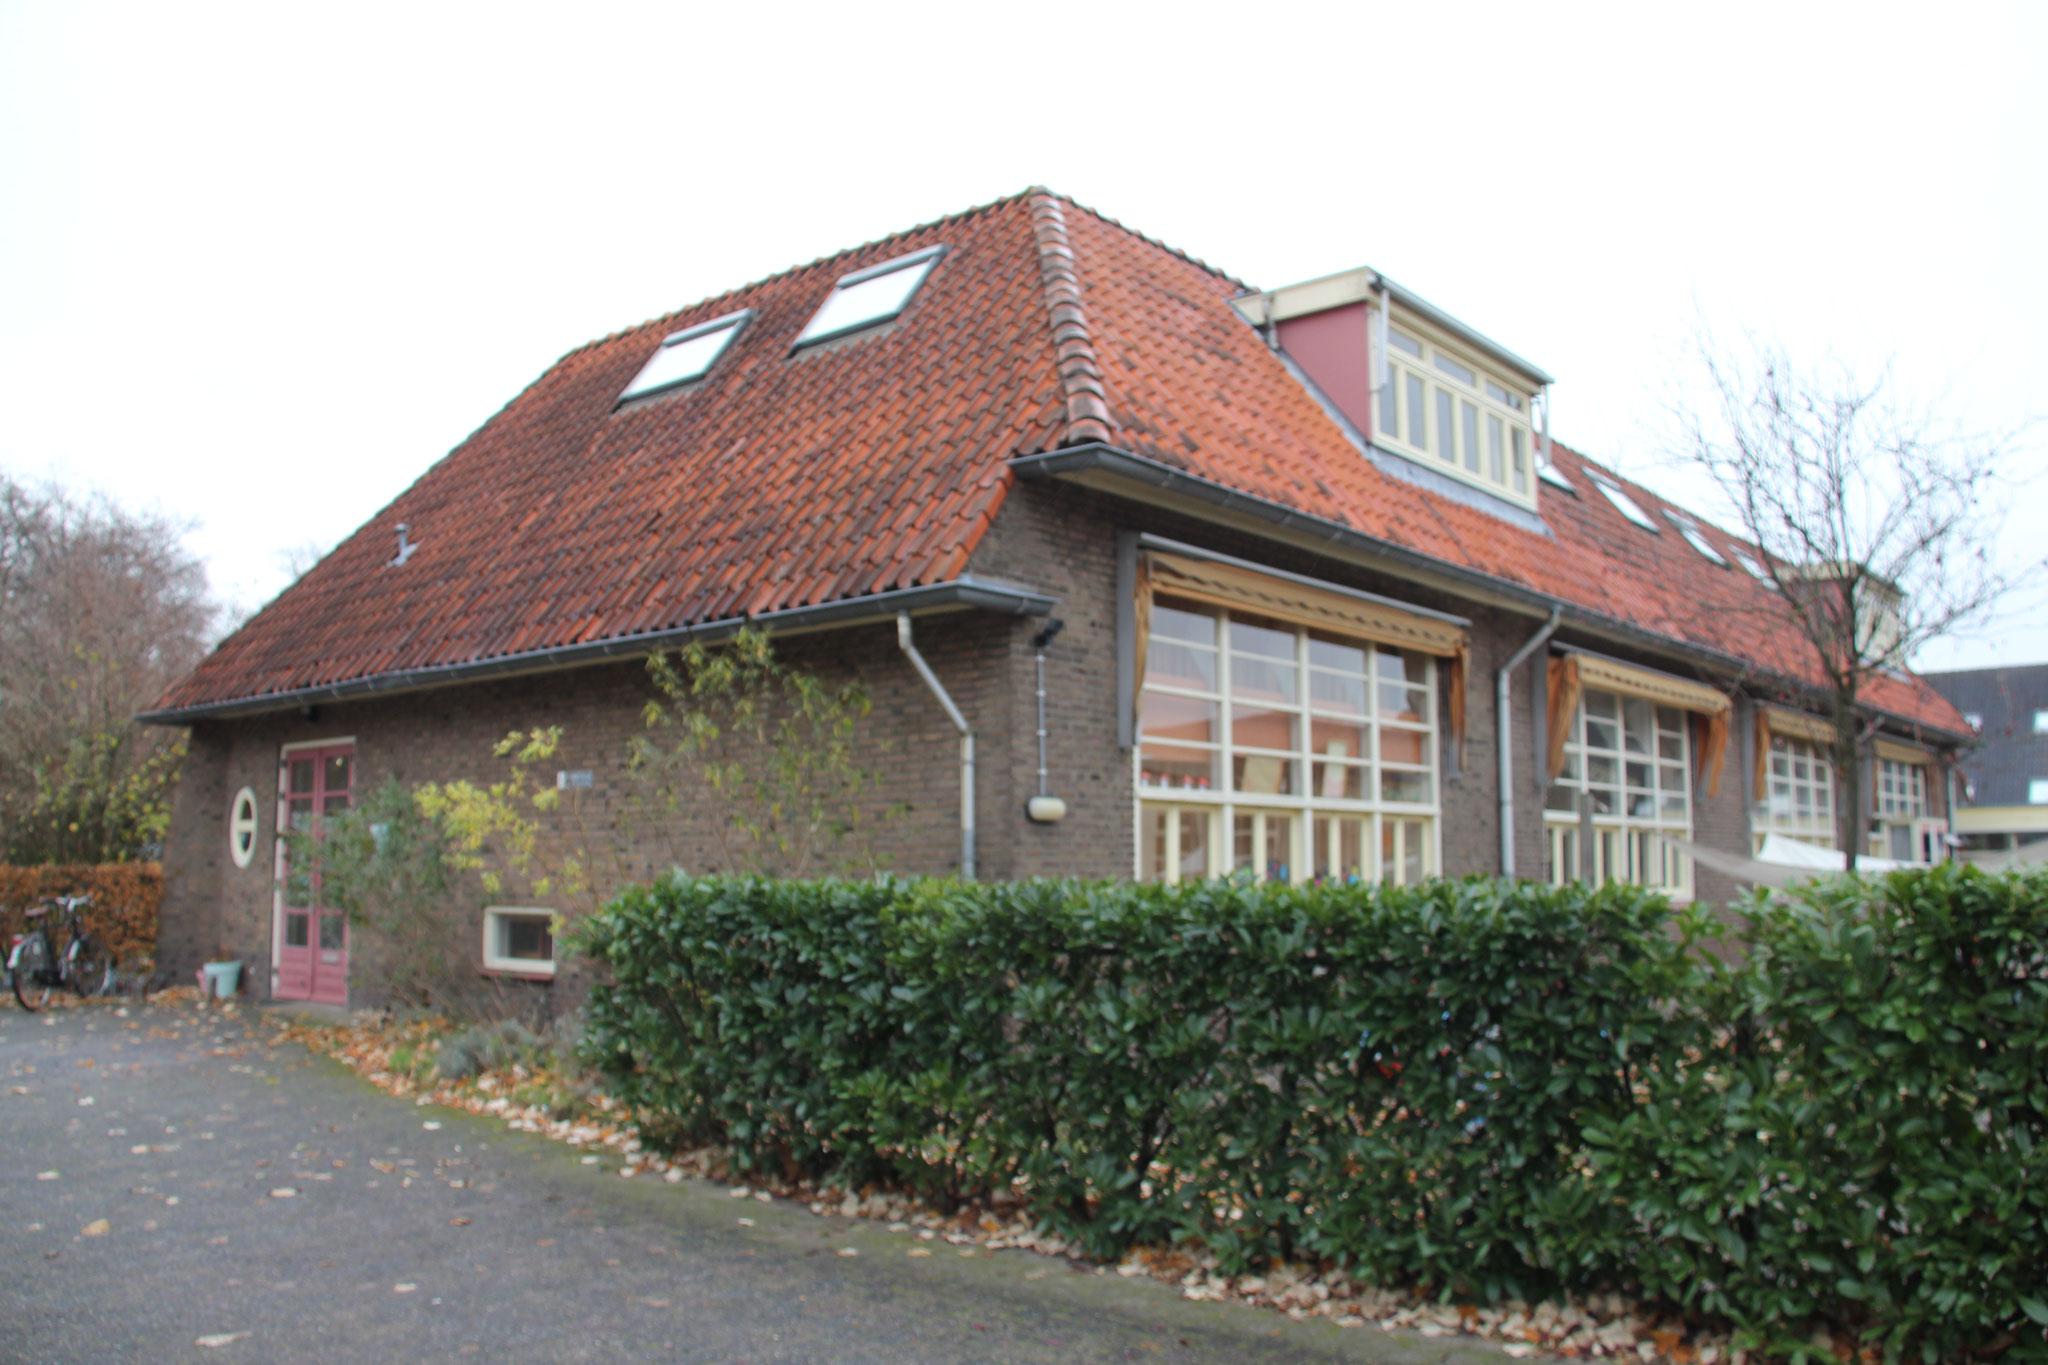 Zuidwest gevel met grote vensters van schoollokalen